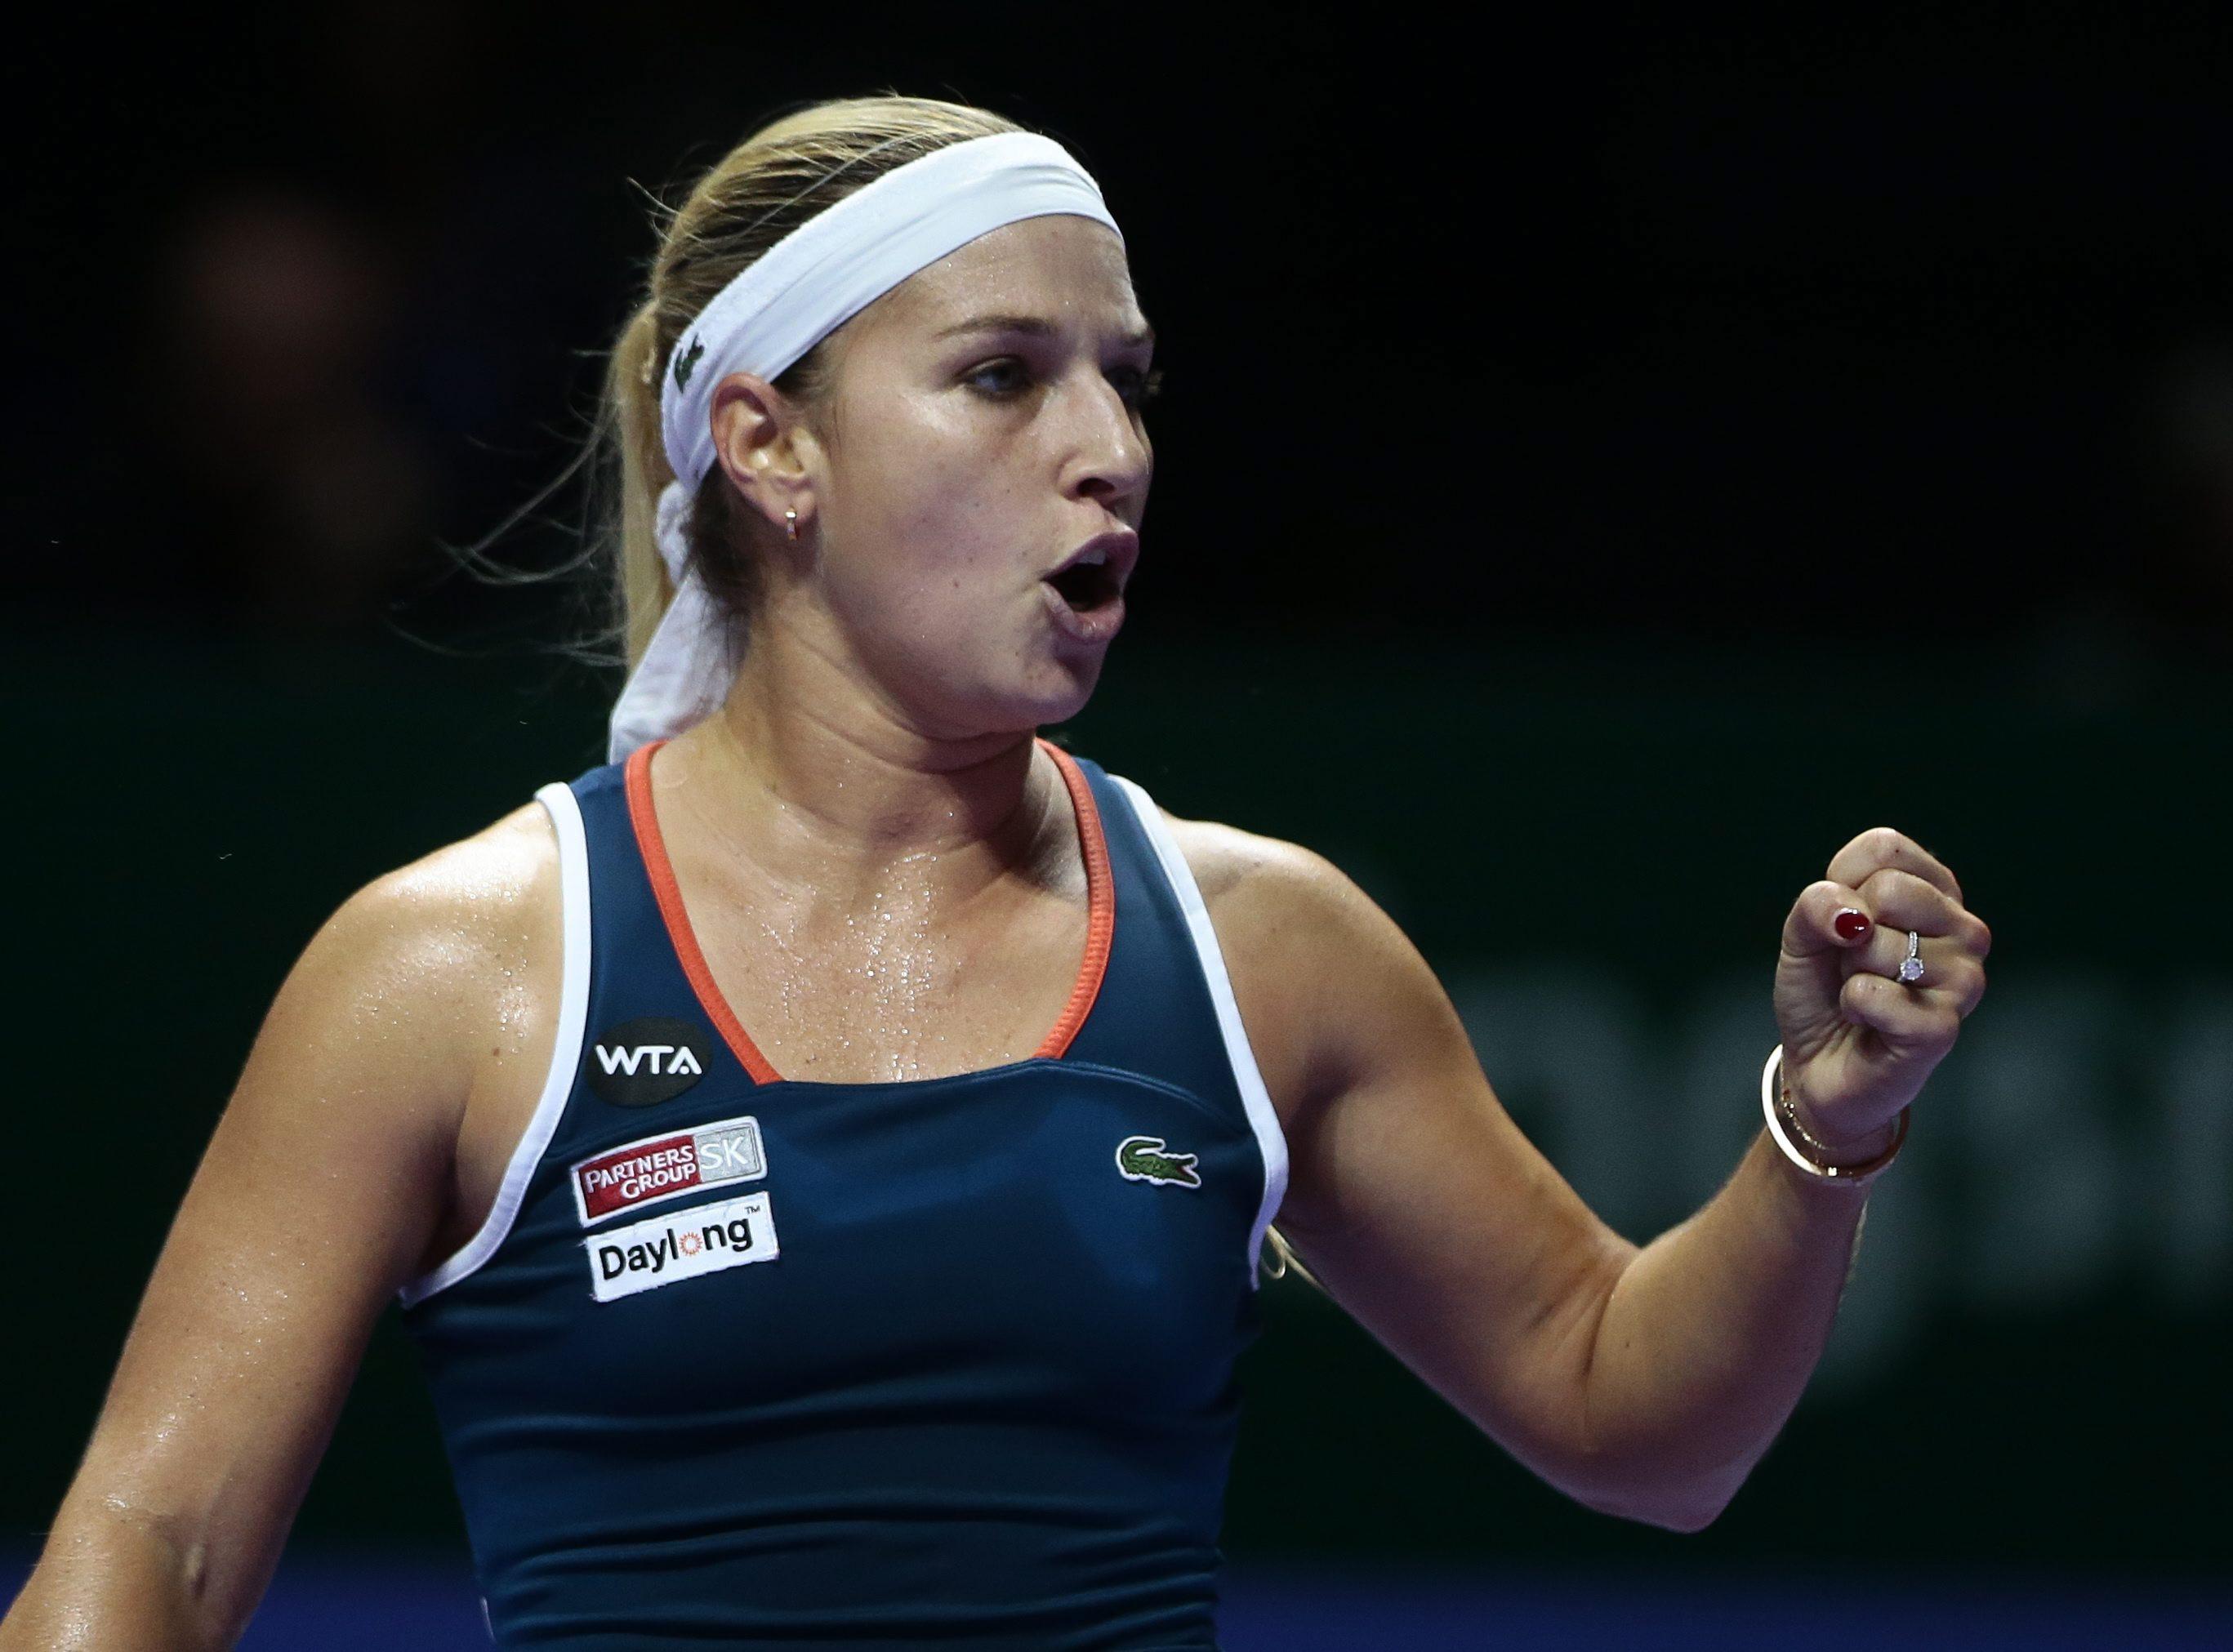 Dominika Cibulkova po awansie do półfinału: Jeszcze nie